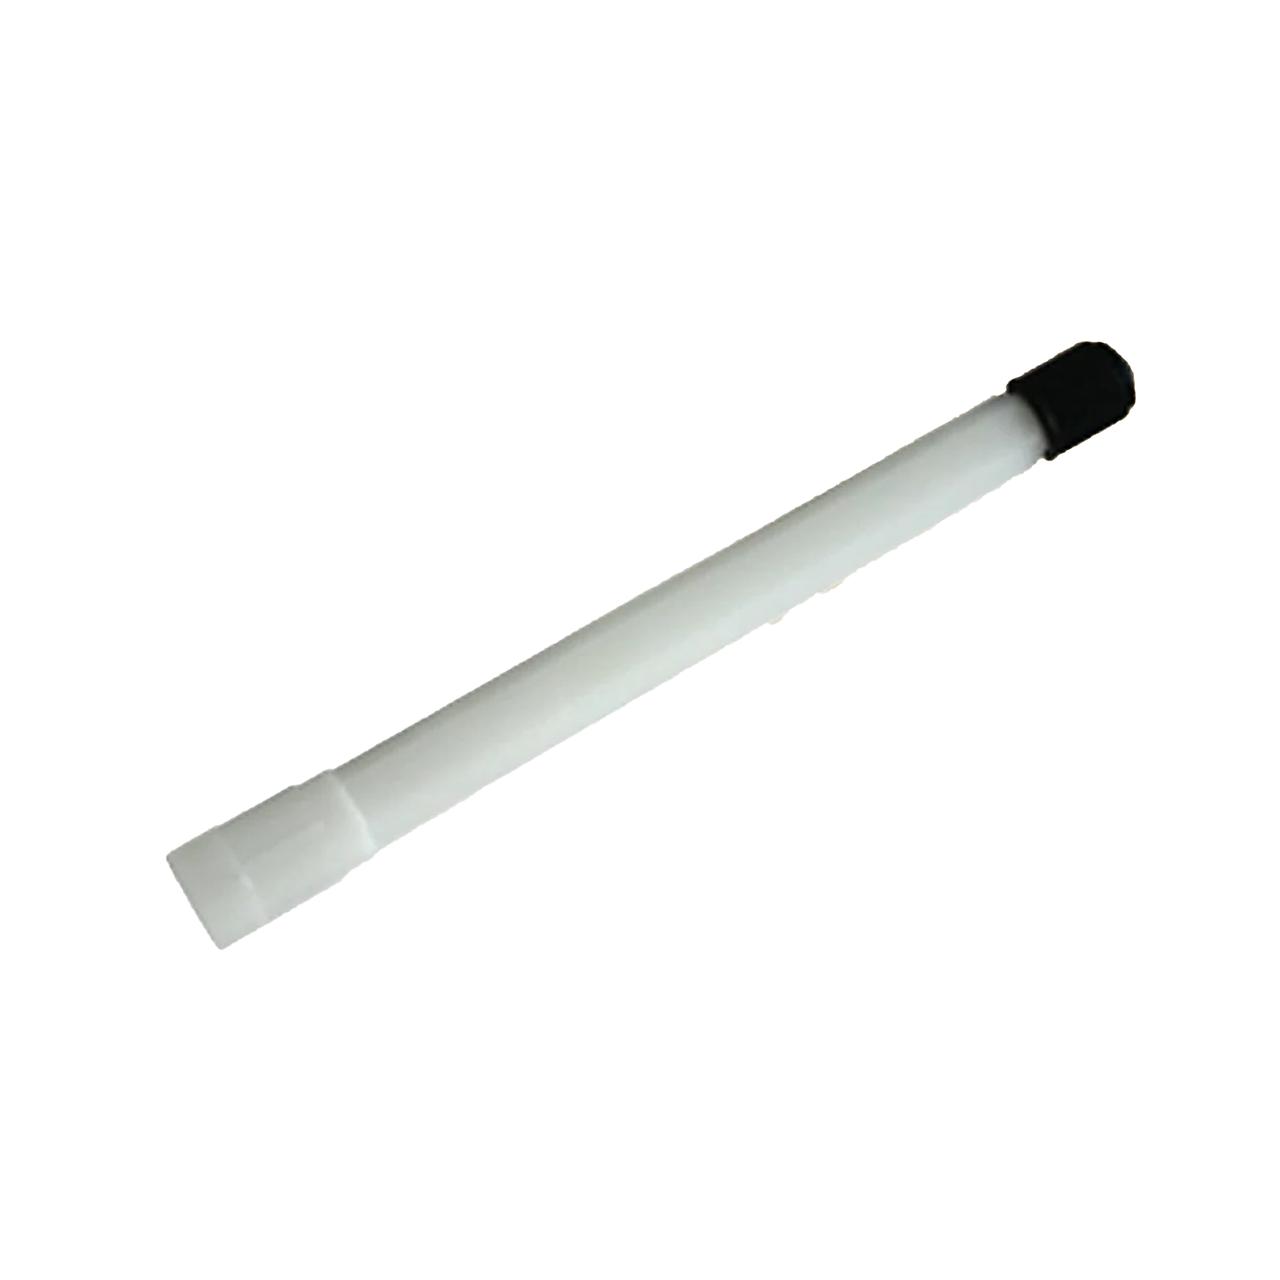 Удлинитель автомобильного ниппеля пластиковый 180 мм